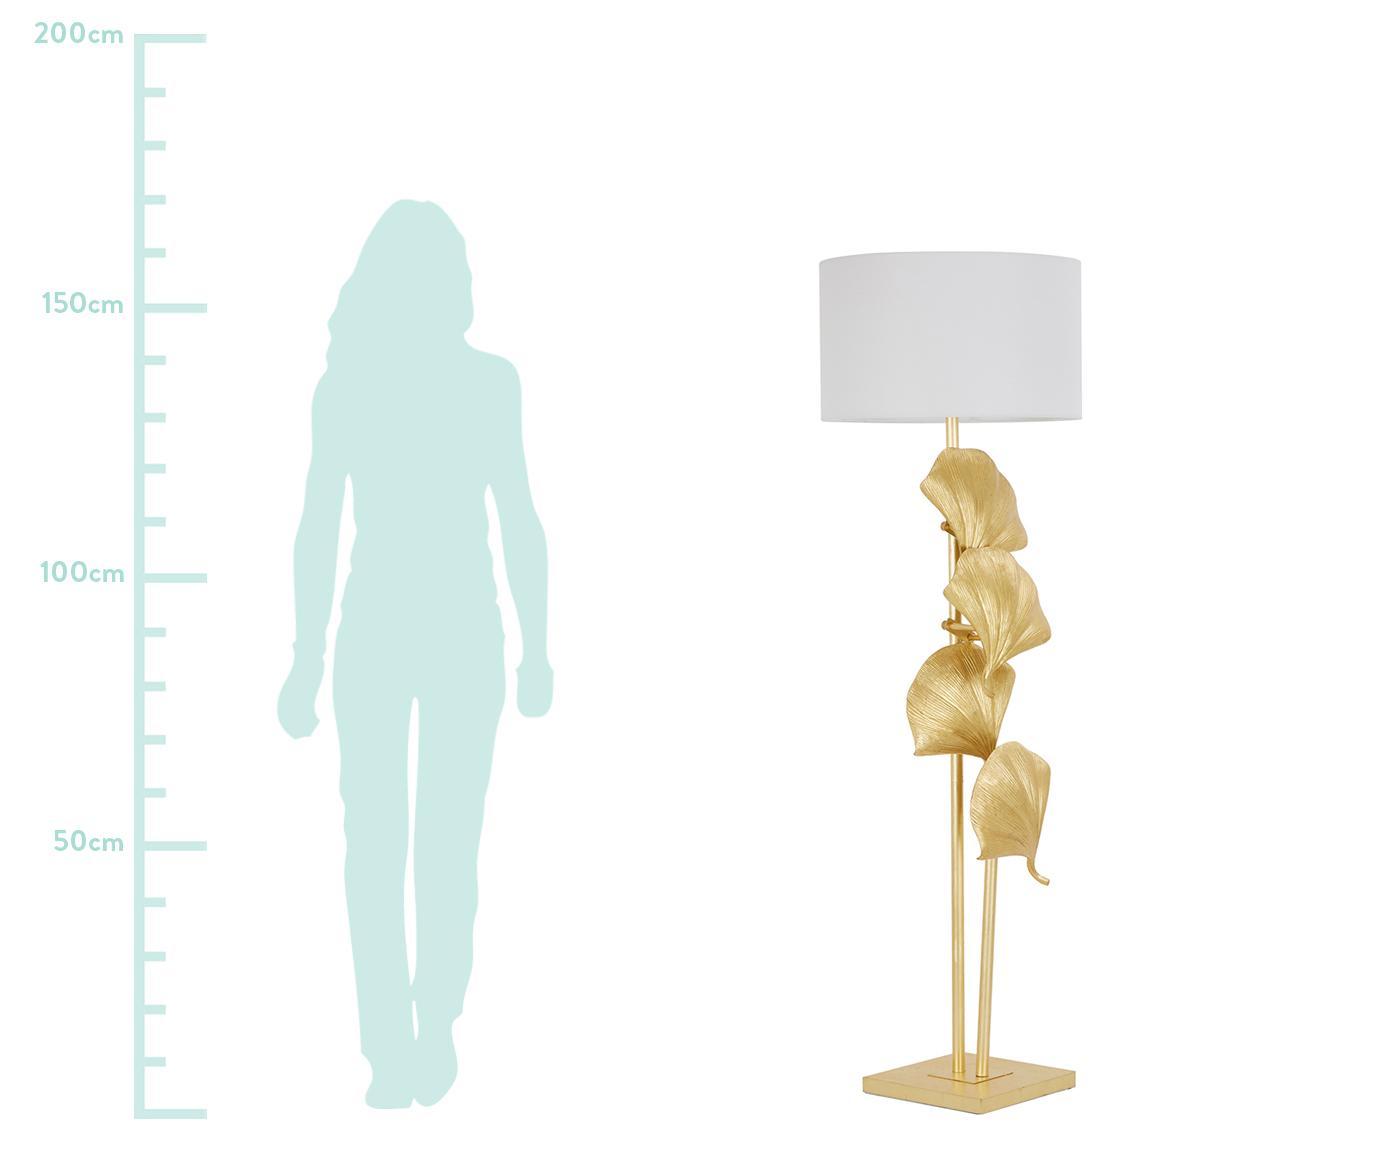 Lampa podłogowa Ginkgo, Odcienie złotego, matowy, Ø 50 x W 160 cm